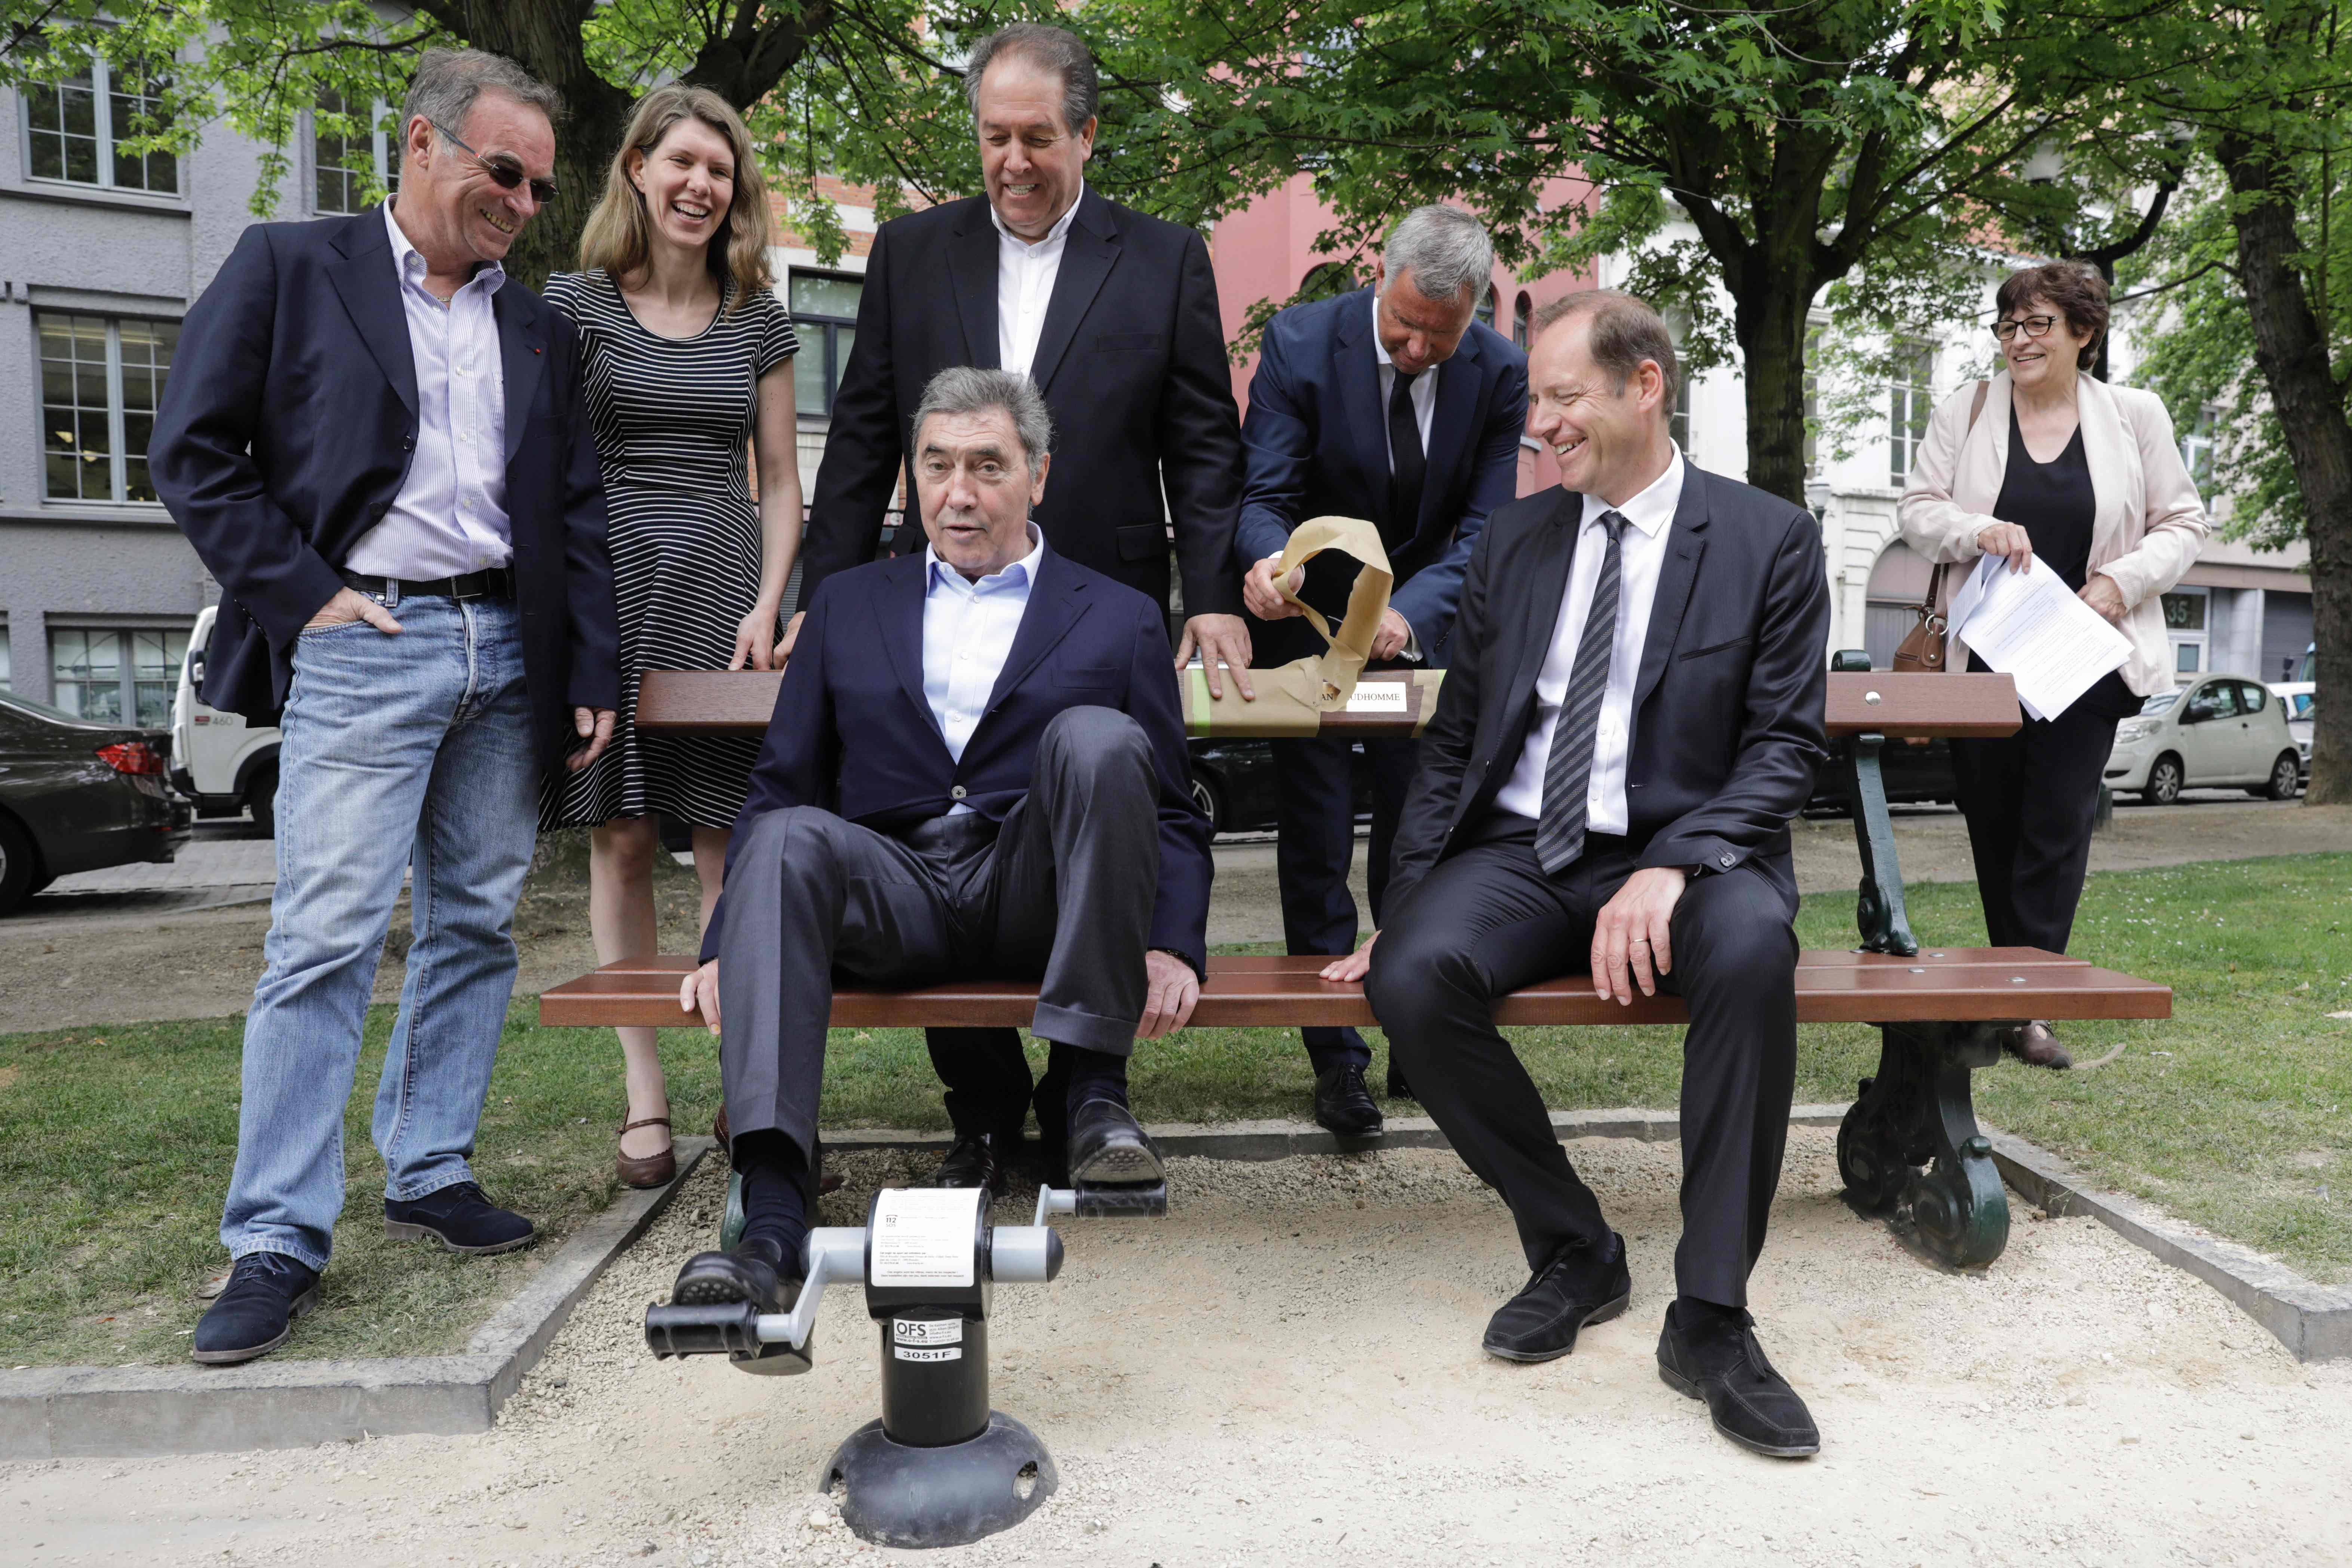 Cyclisme - Tour de France - En 2019, le Tour de France partira de Bruxelles pour honorer Merckx